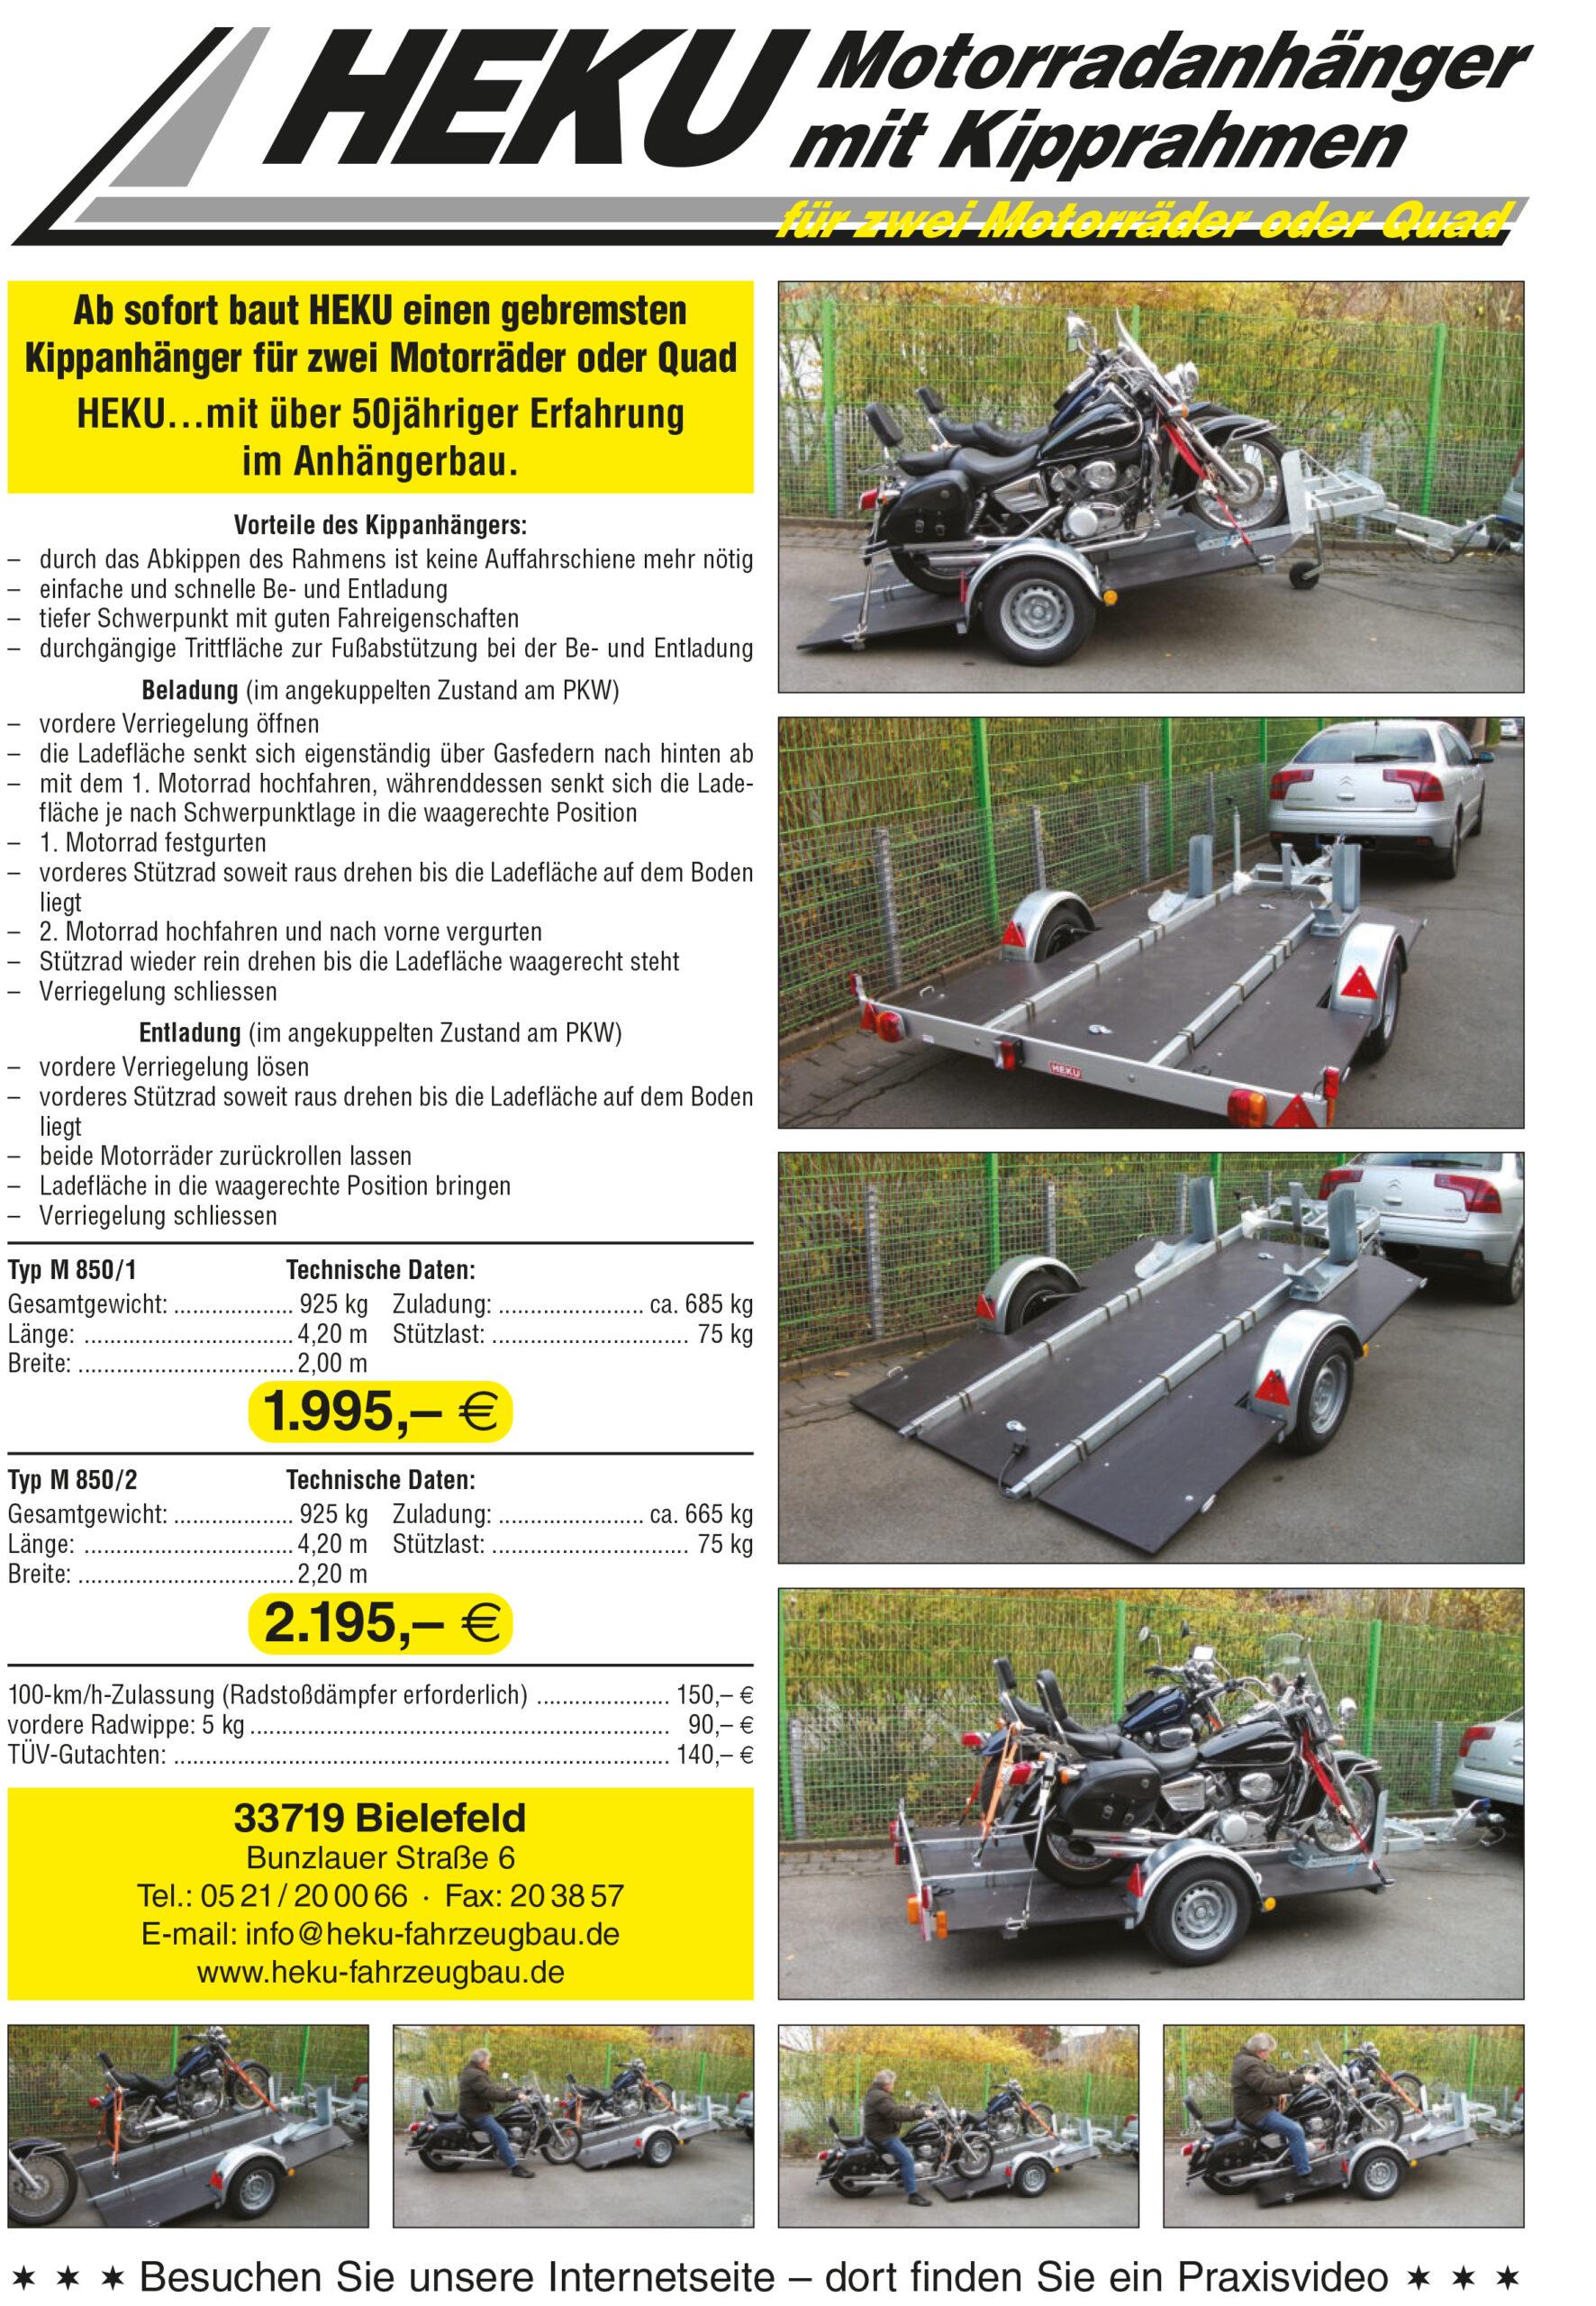 HEKU_Motorrad-Anhaenger-1